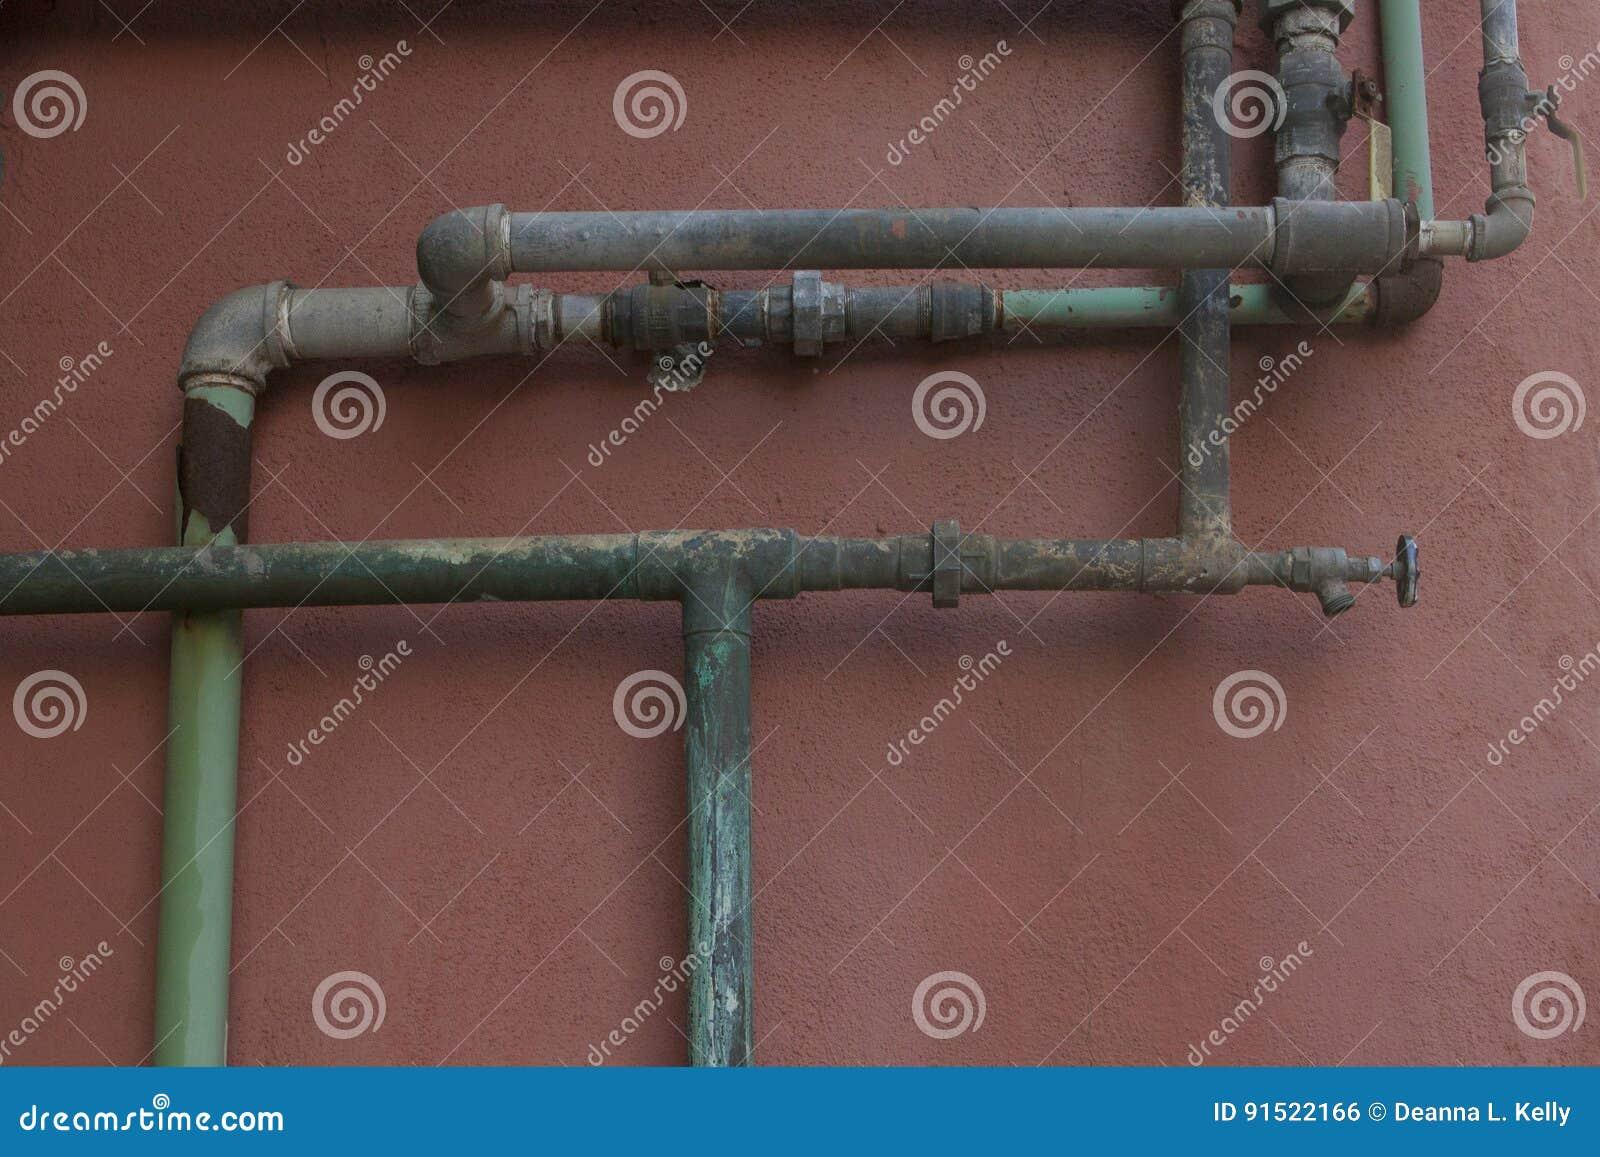 Grün und Aqua Rusty Pipes auf Coral Stucco Wall